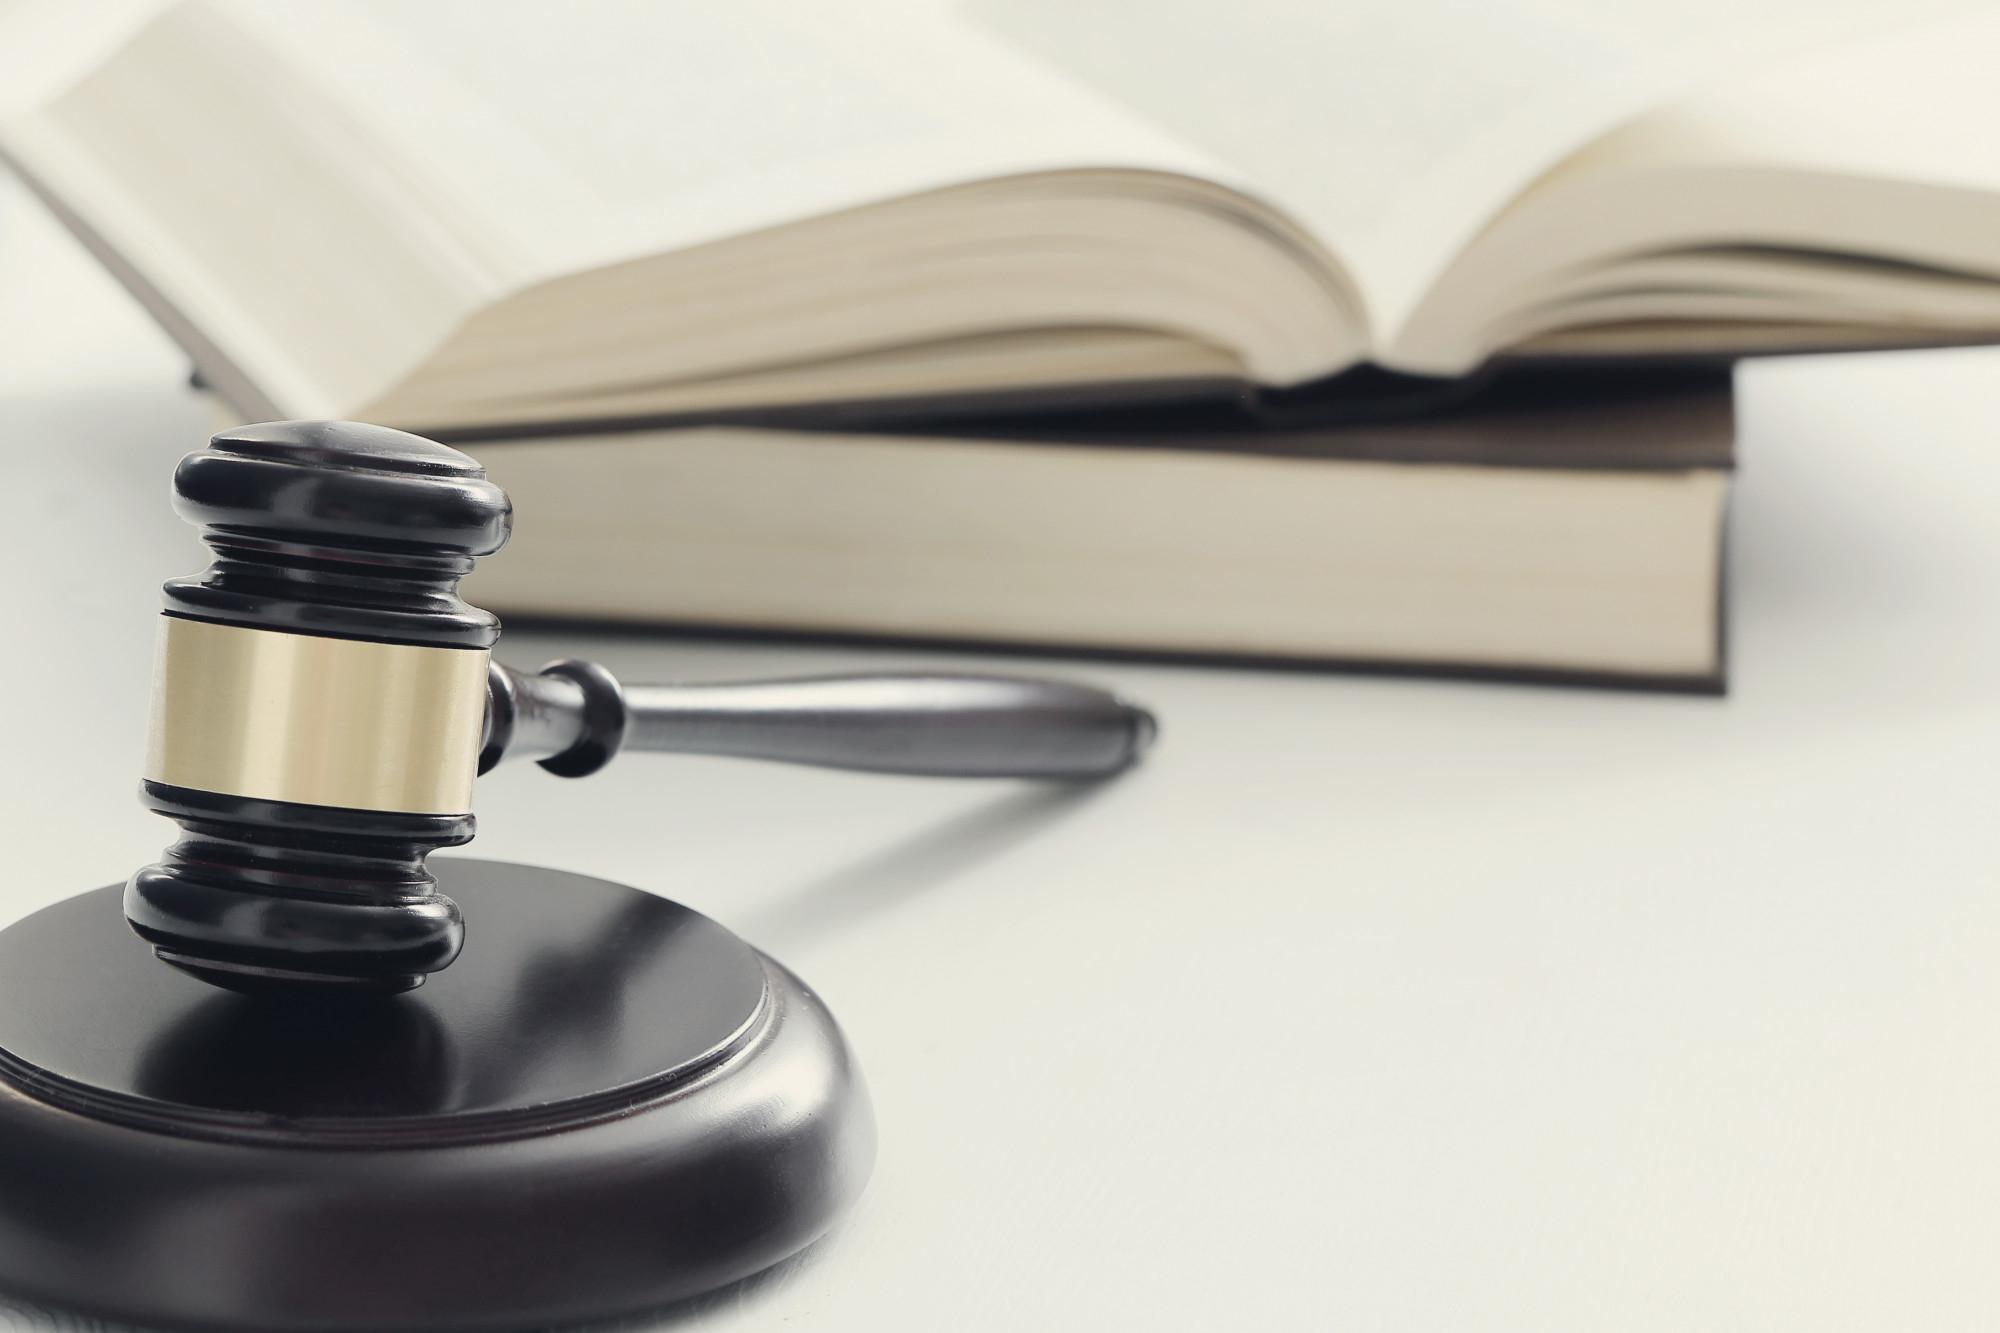 Cobertura de pembrolizumabe pelo plano de saúde na Justiça